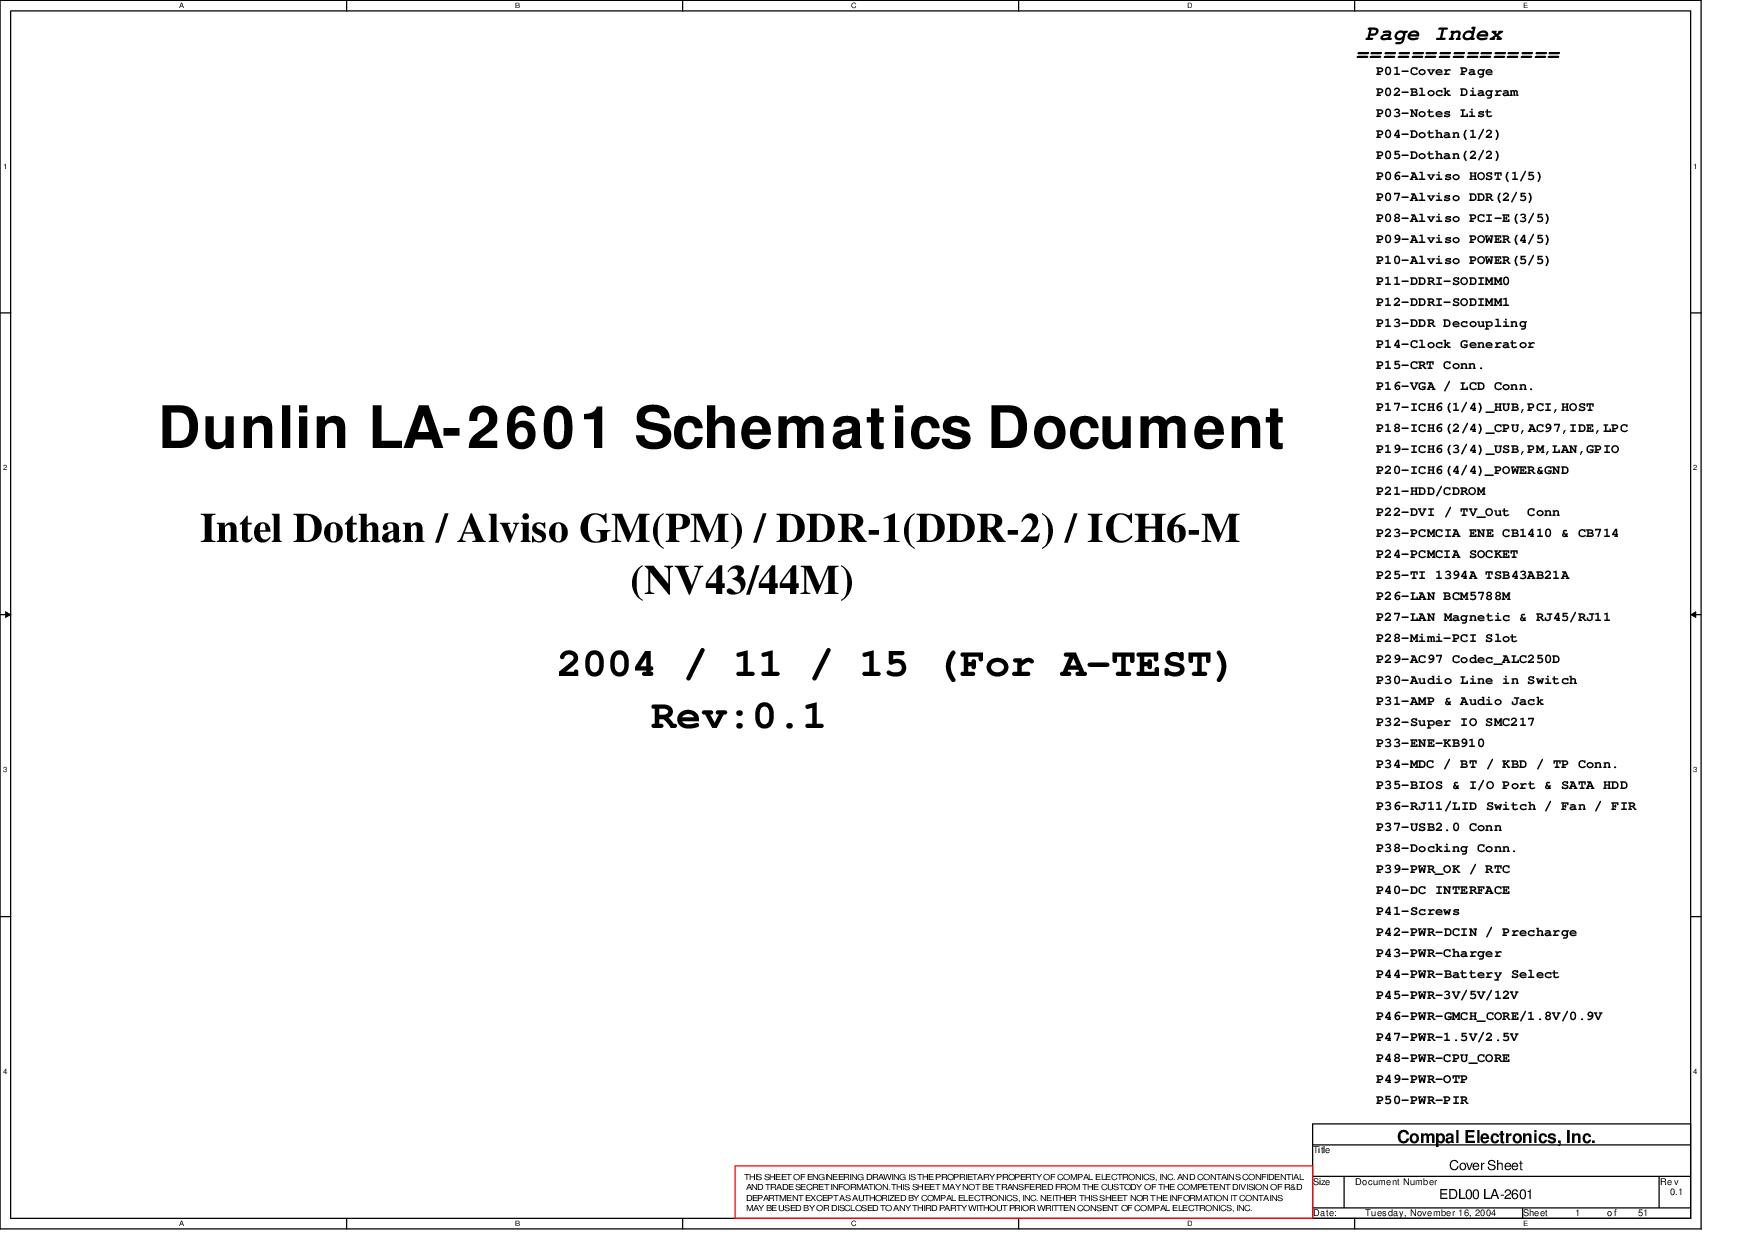 ICH6M F6 WINDOWS 10 DRIVER